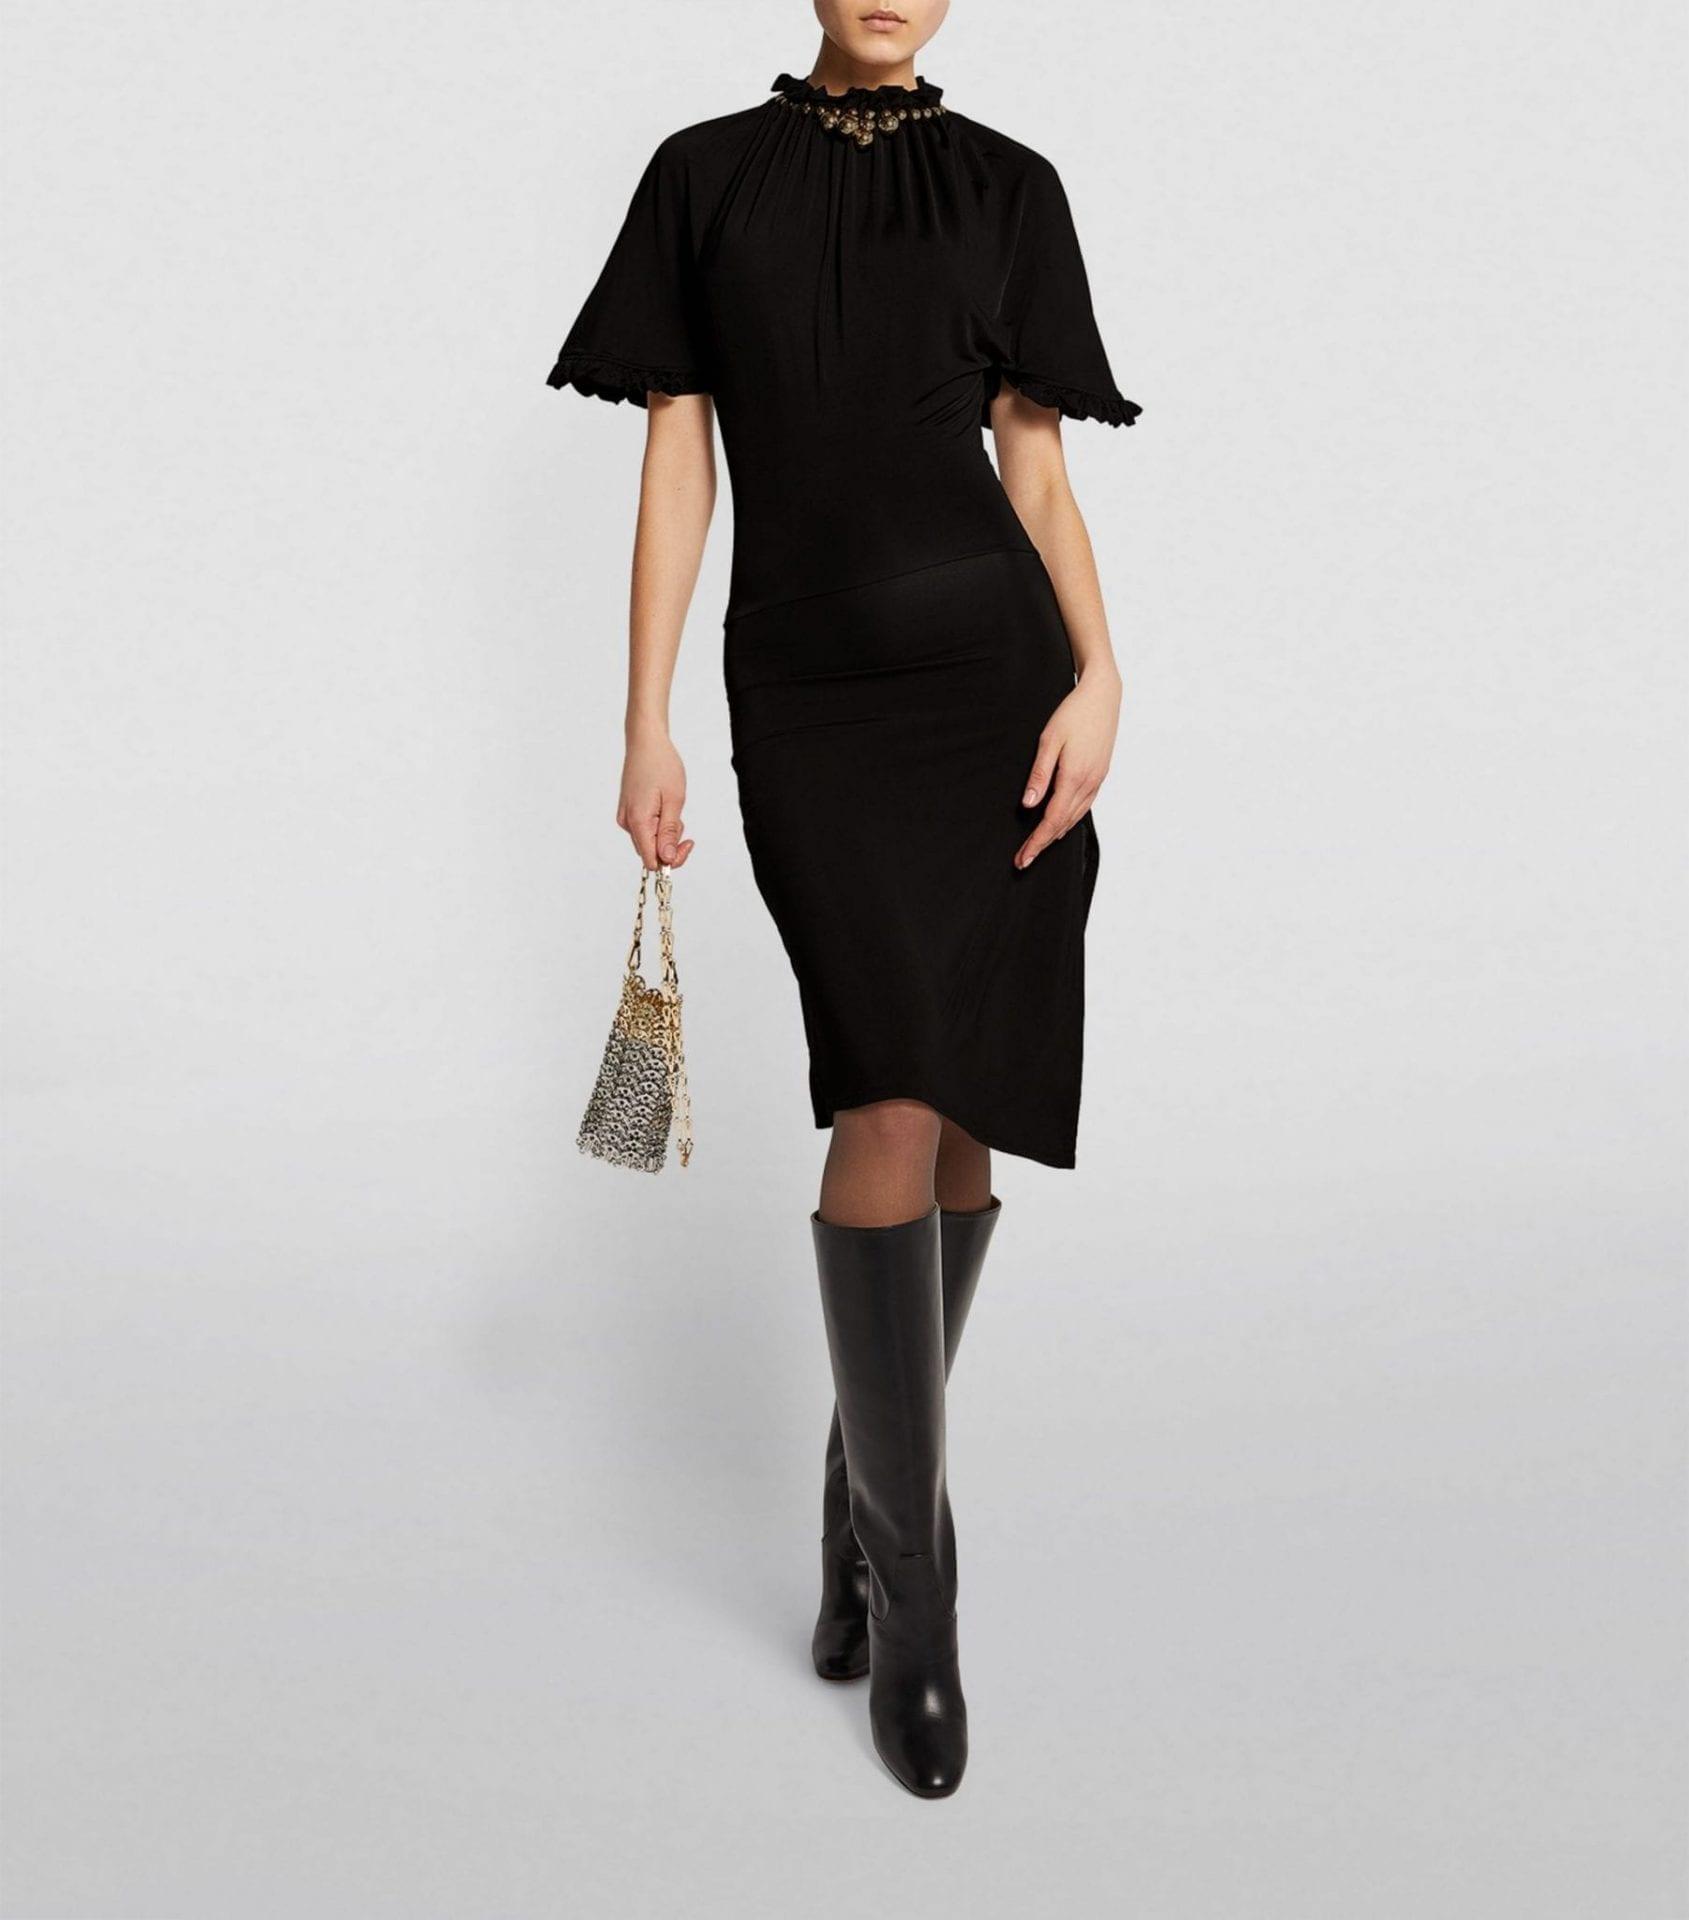 PACO RABANNE Side-Split Dress